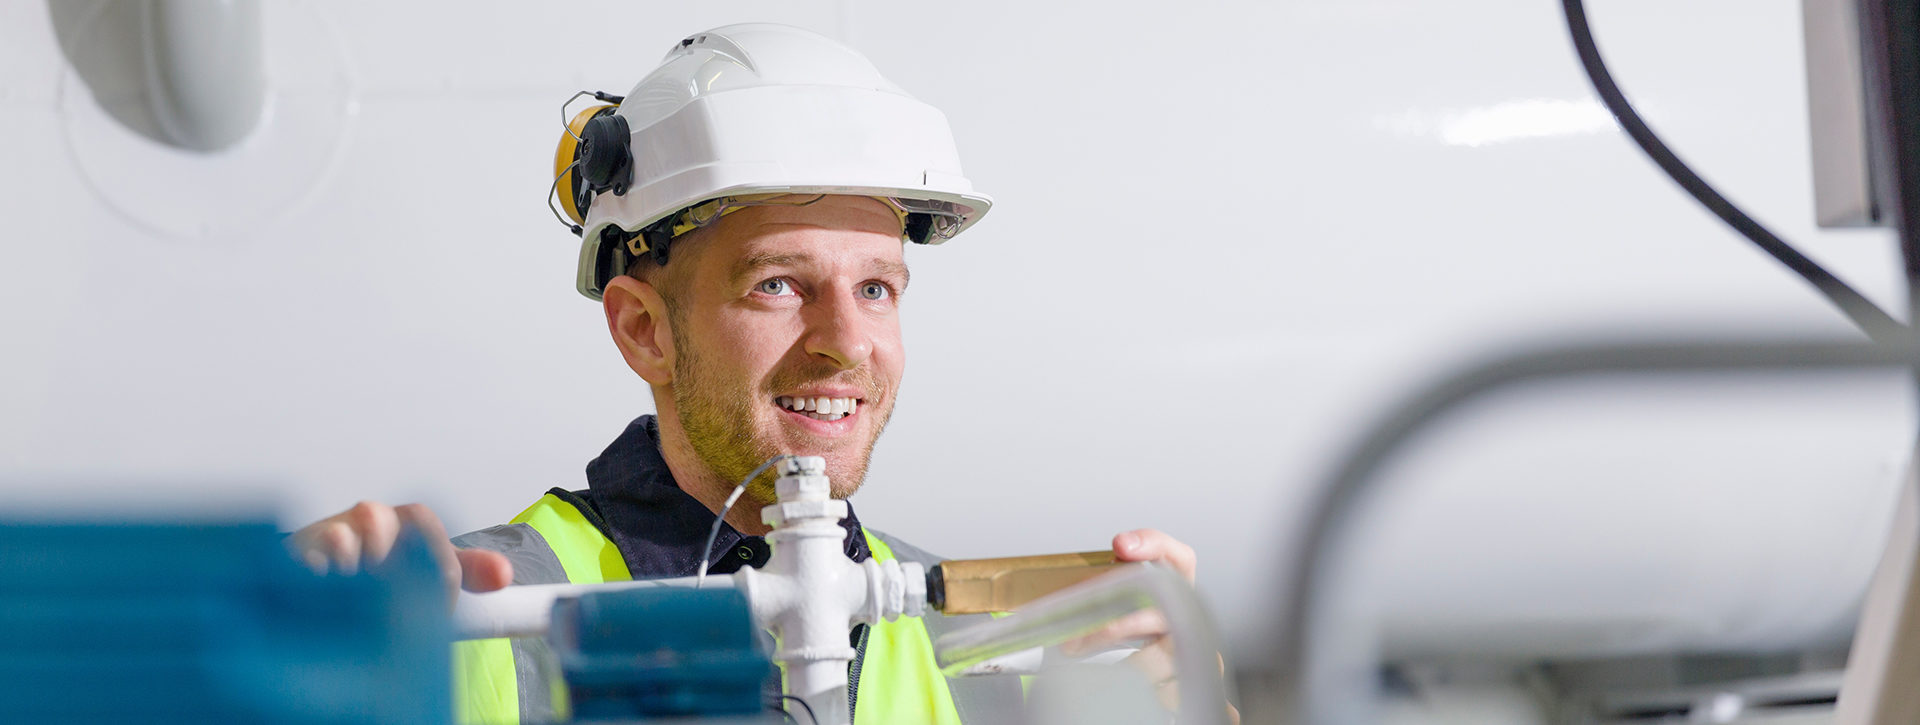 Kunnossapidon insinööri tarkastelemassa lämpövoimalaitosta.